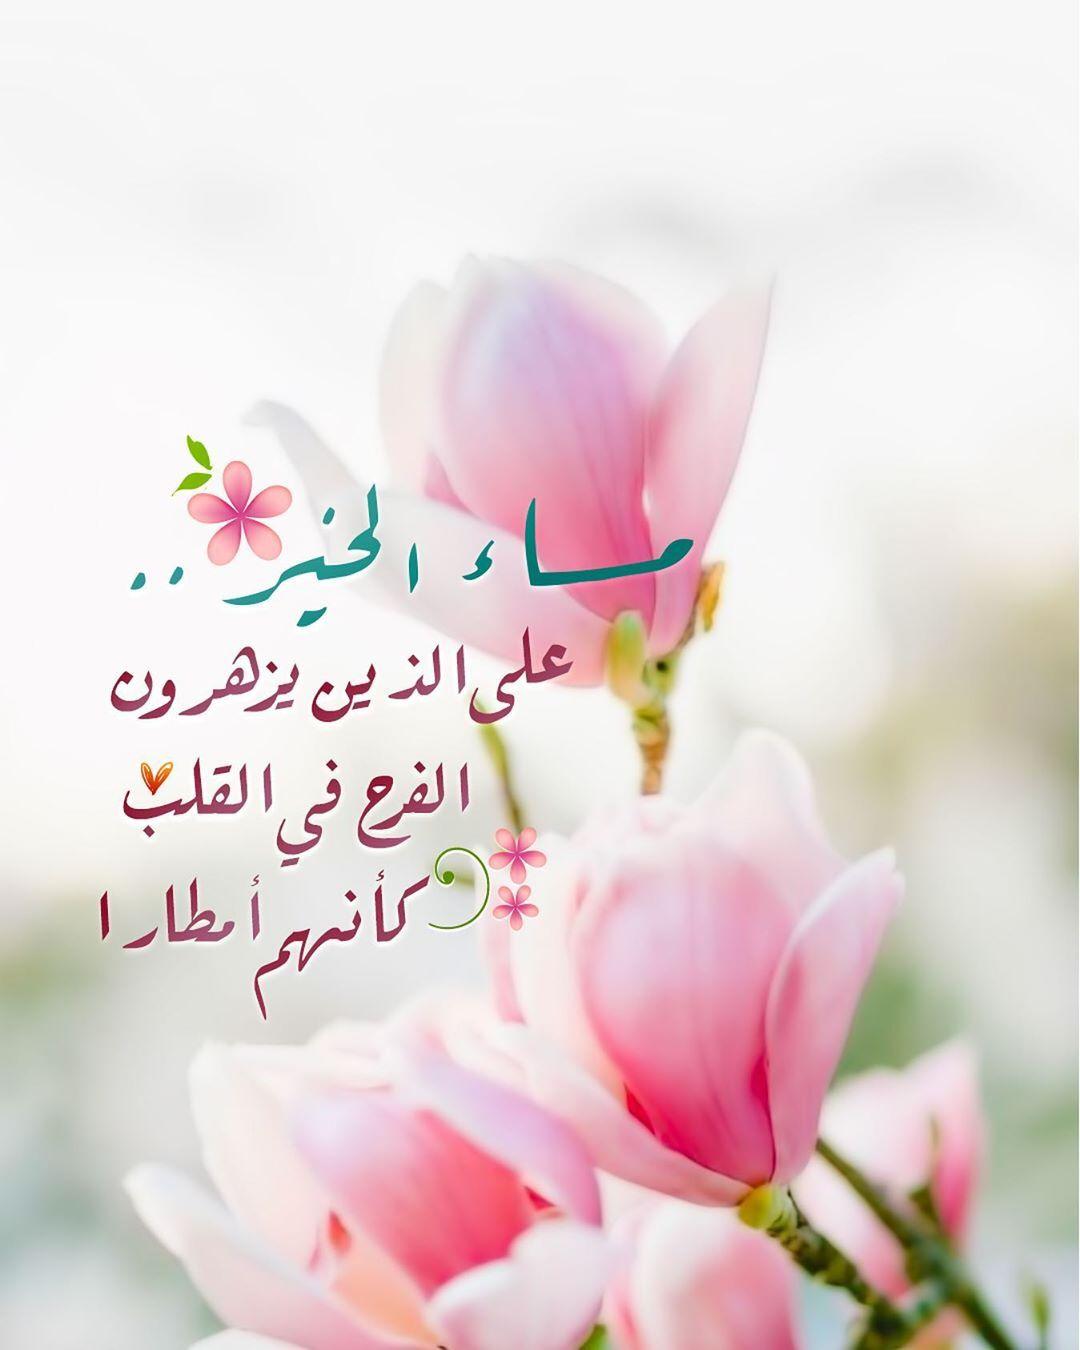 Pearla0203 On Instagram مساء الخ ير على الذين يزهرون الف ــرح في الق لب كأنهم أزهارا ㅤㅤㅤㅤ مساؤ Romantic Words Flower Photos Beautiful Morning